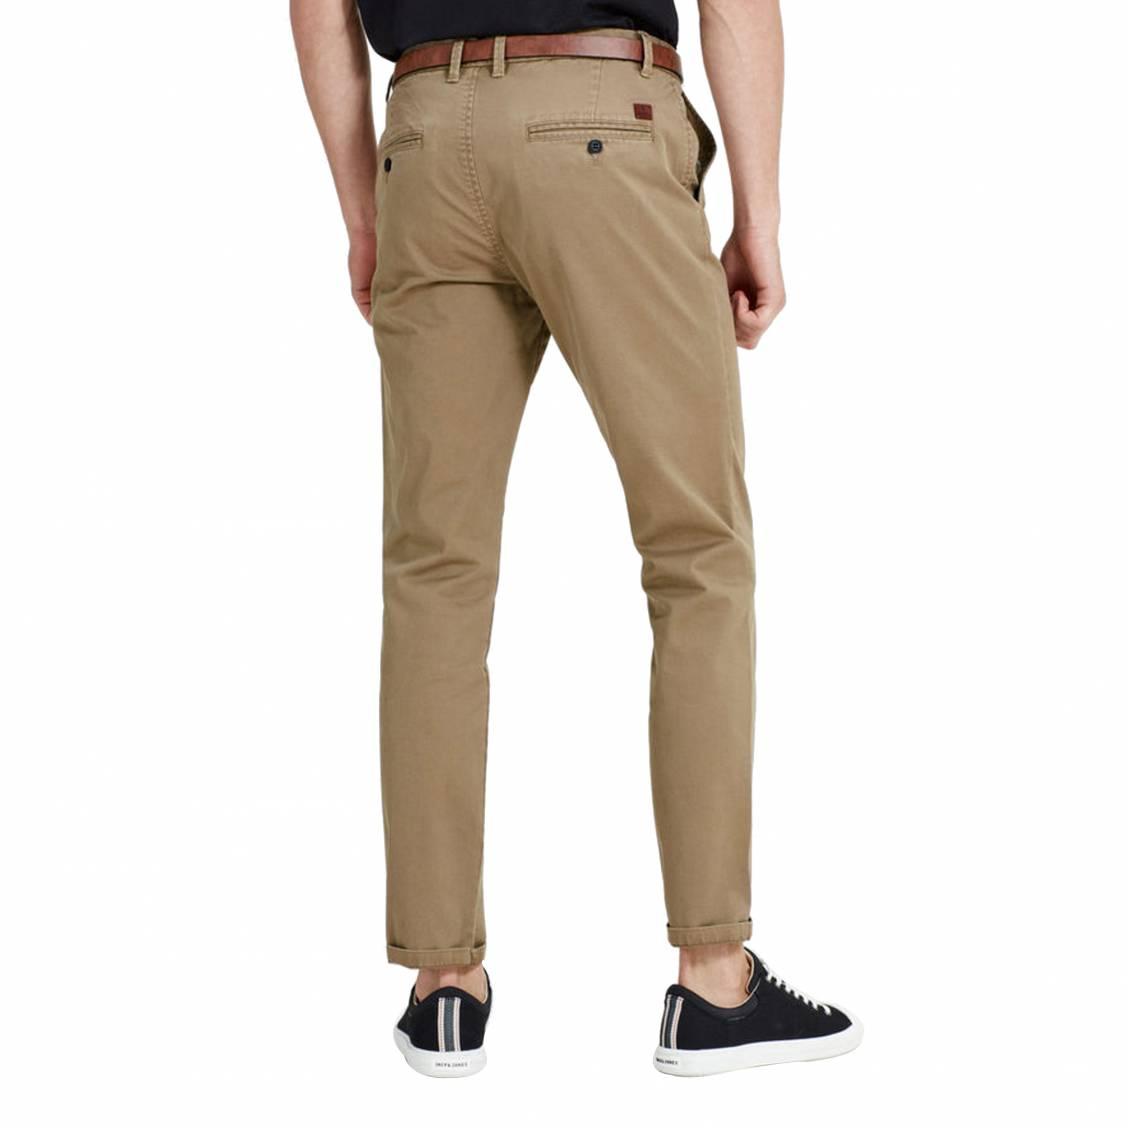 1f71082bdc0c Pantalon Jack   Jones beige foncé avec ceinture marron   Rue Des Hommes